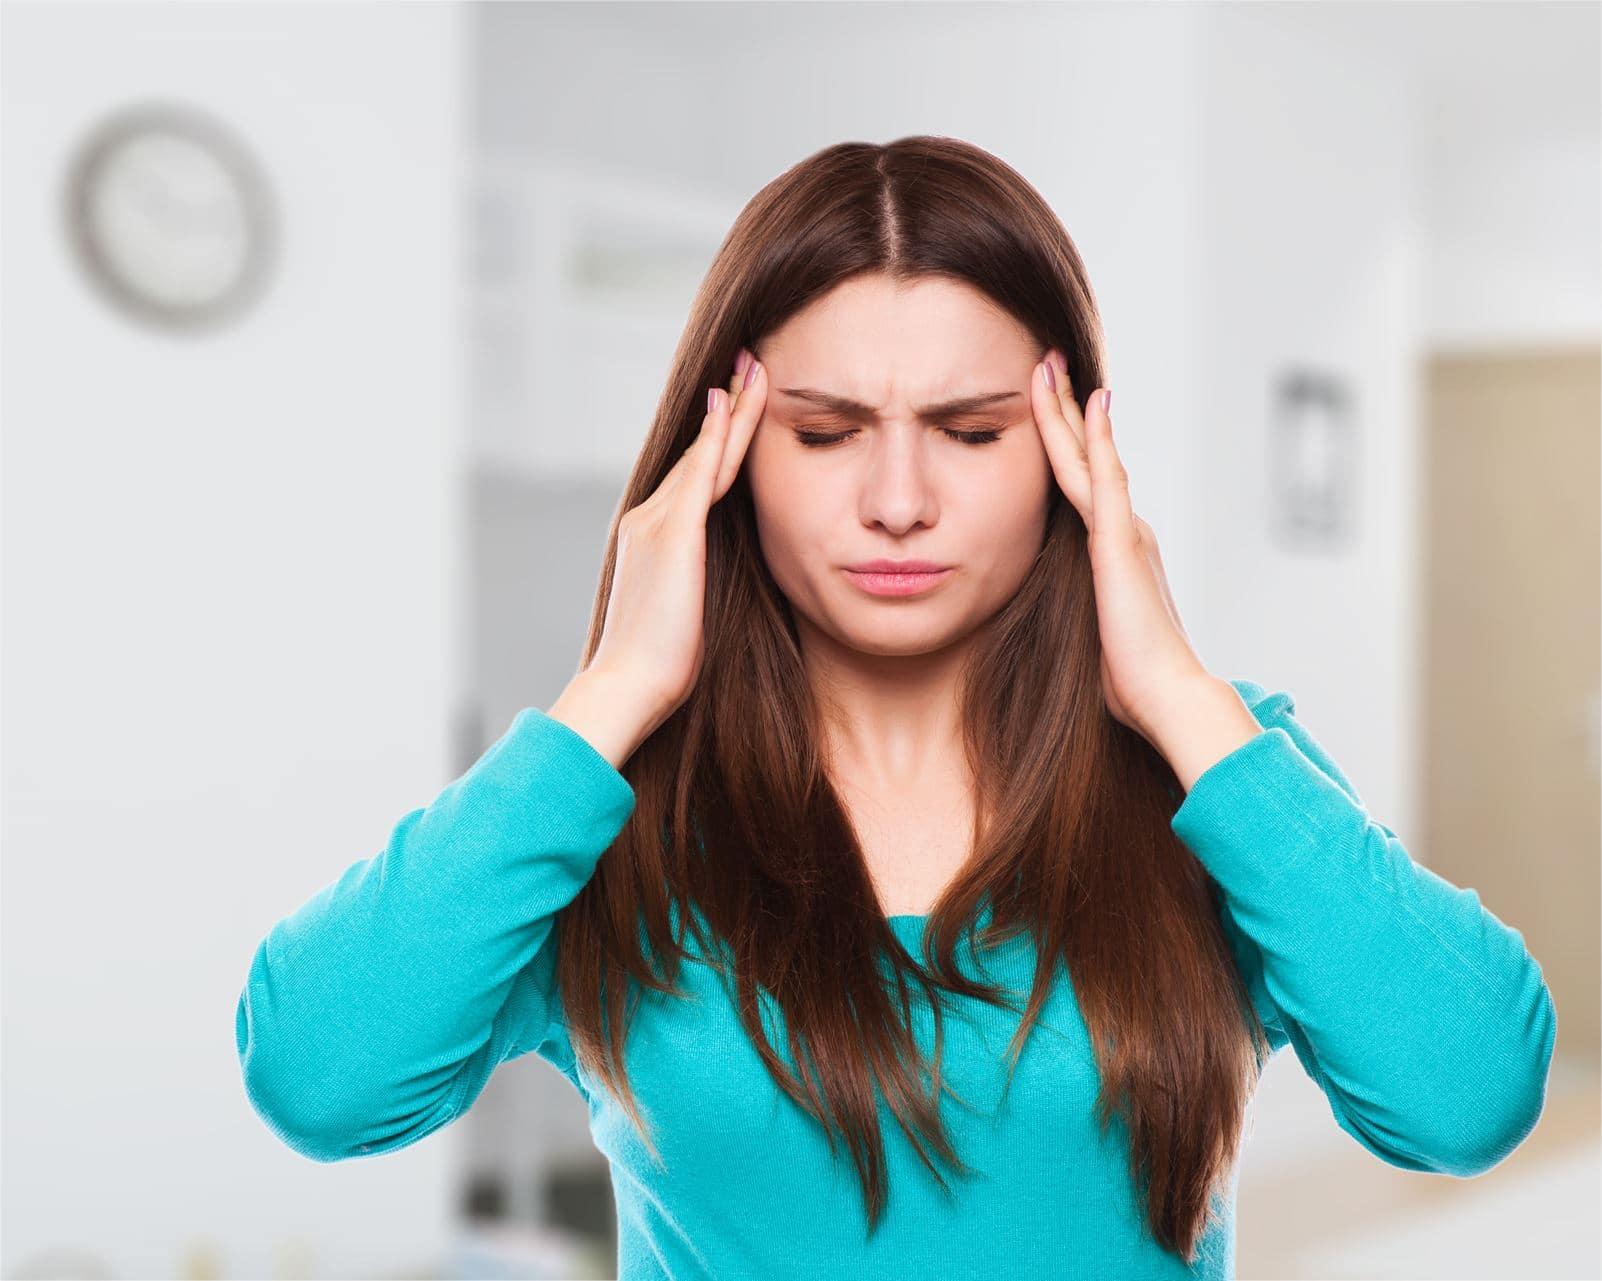 פיזיותרפיה וסטיבולרית - Restart Therapy שיקום נוירולוגי פרטי בבית הלקוח